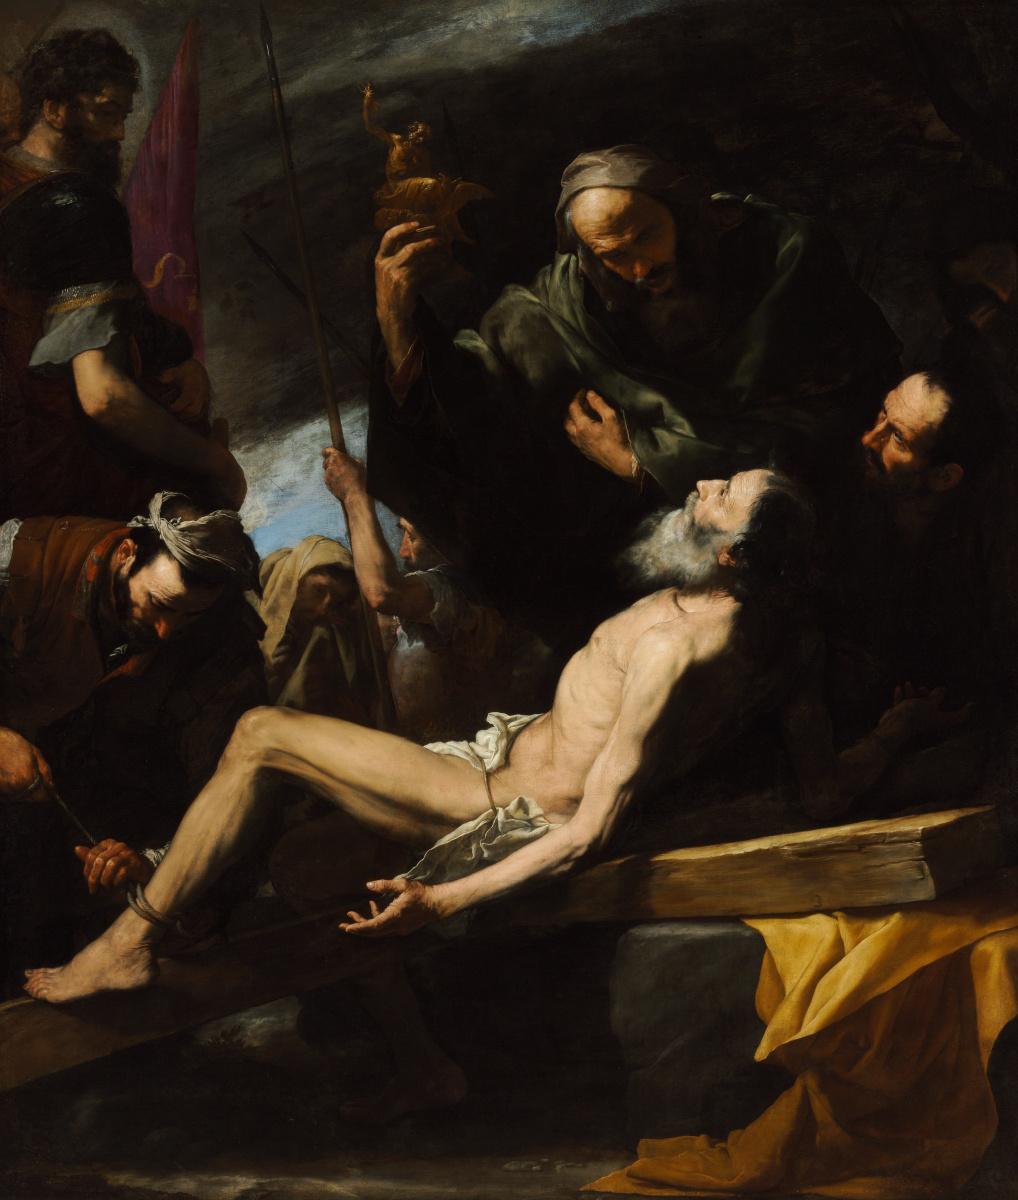 Хосе де Рибера. Мученичество св. Андрея